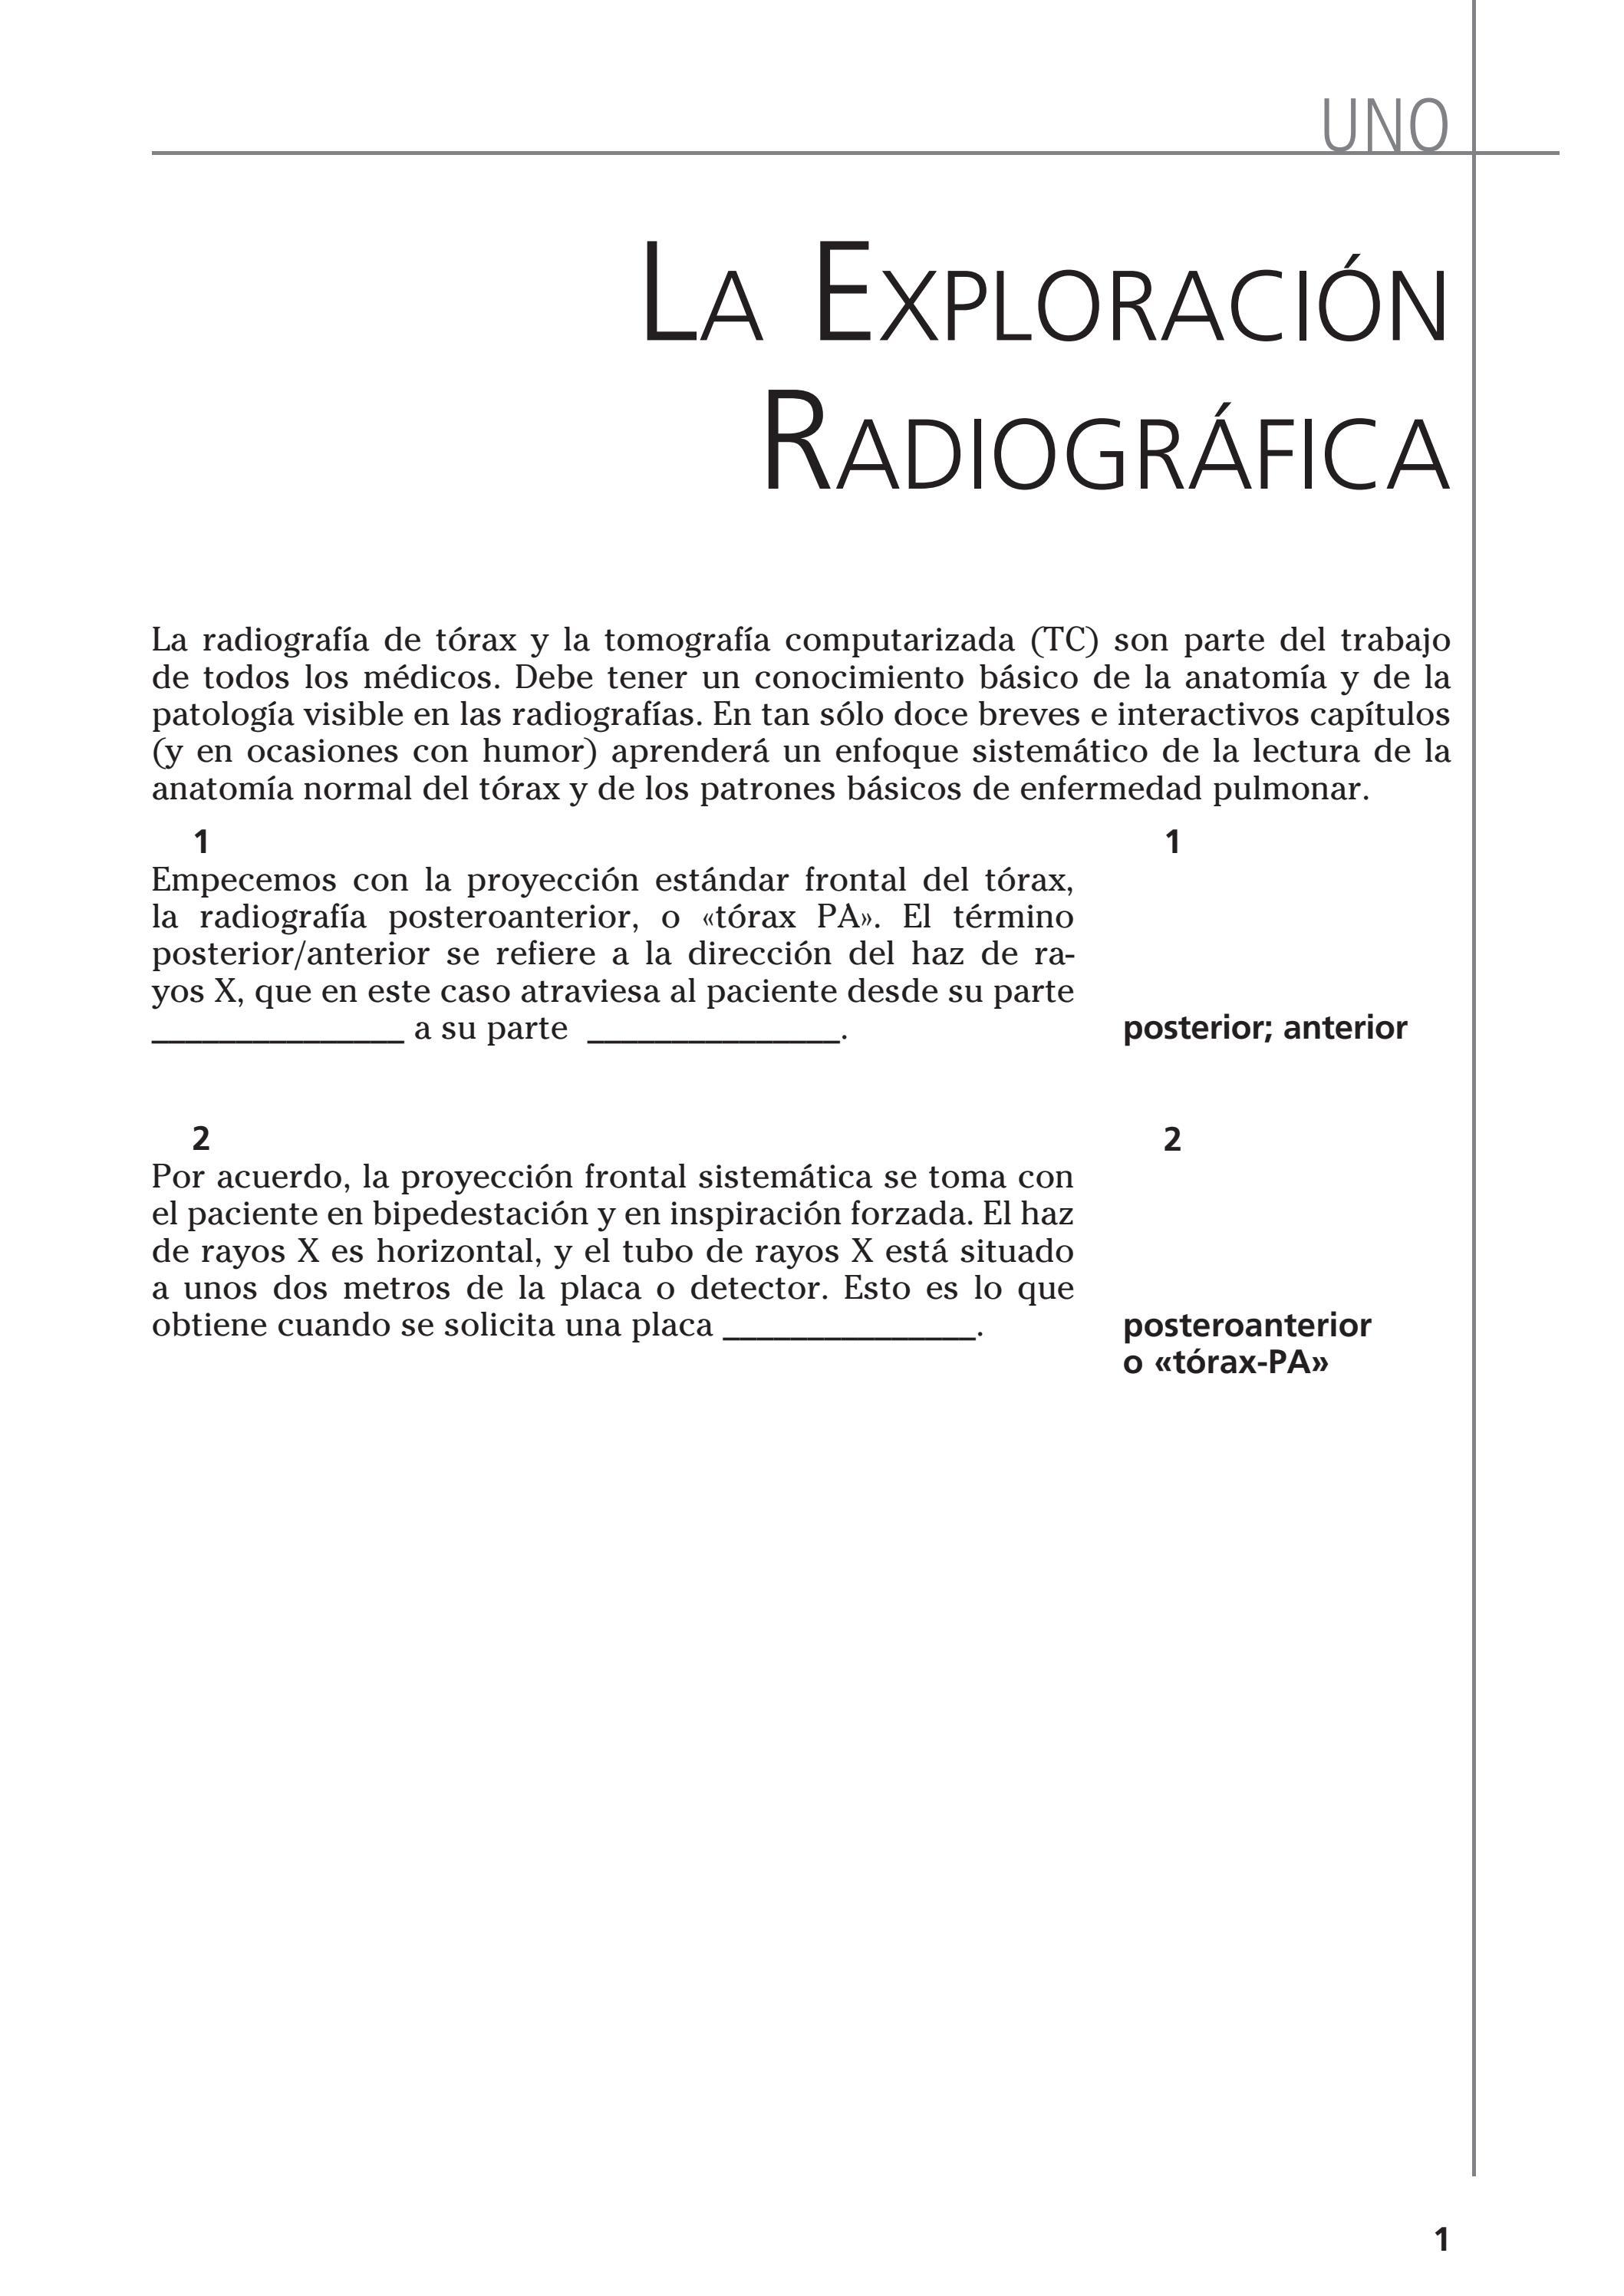 Principios de radiologia toracica felson by APUNTES MEDICOS - issuu